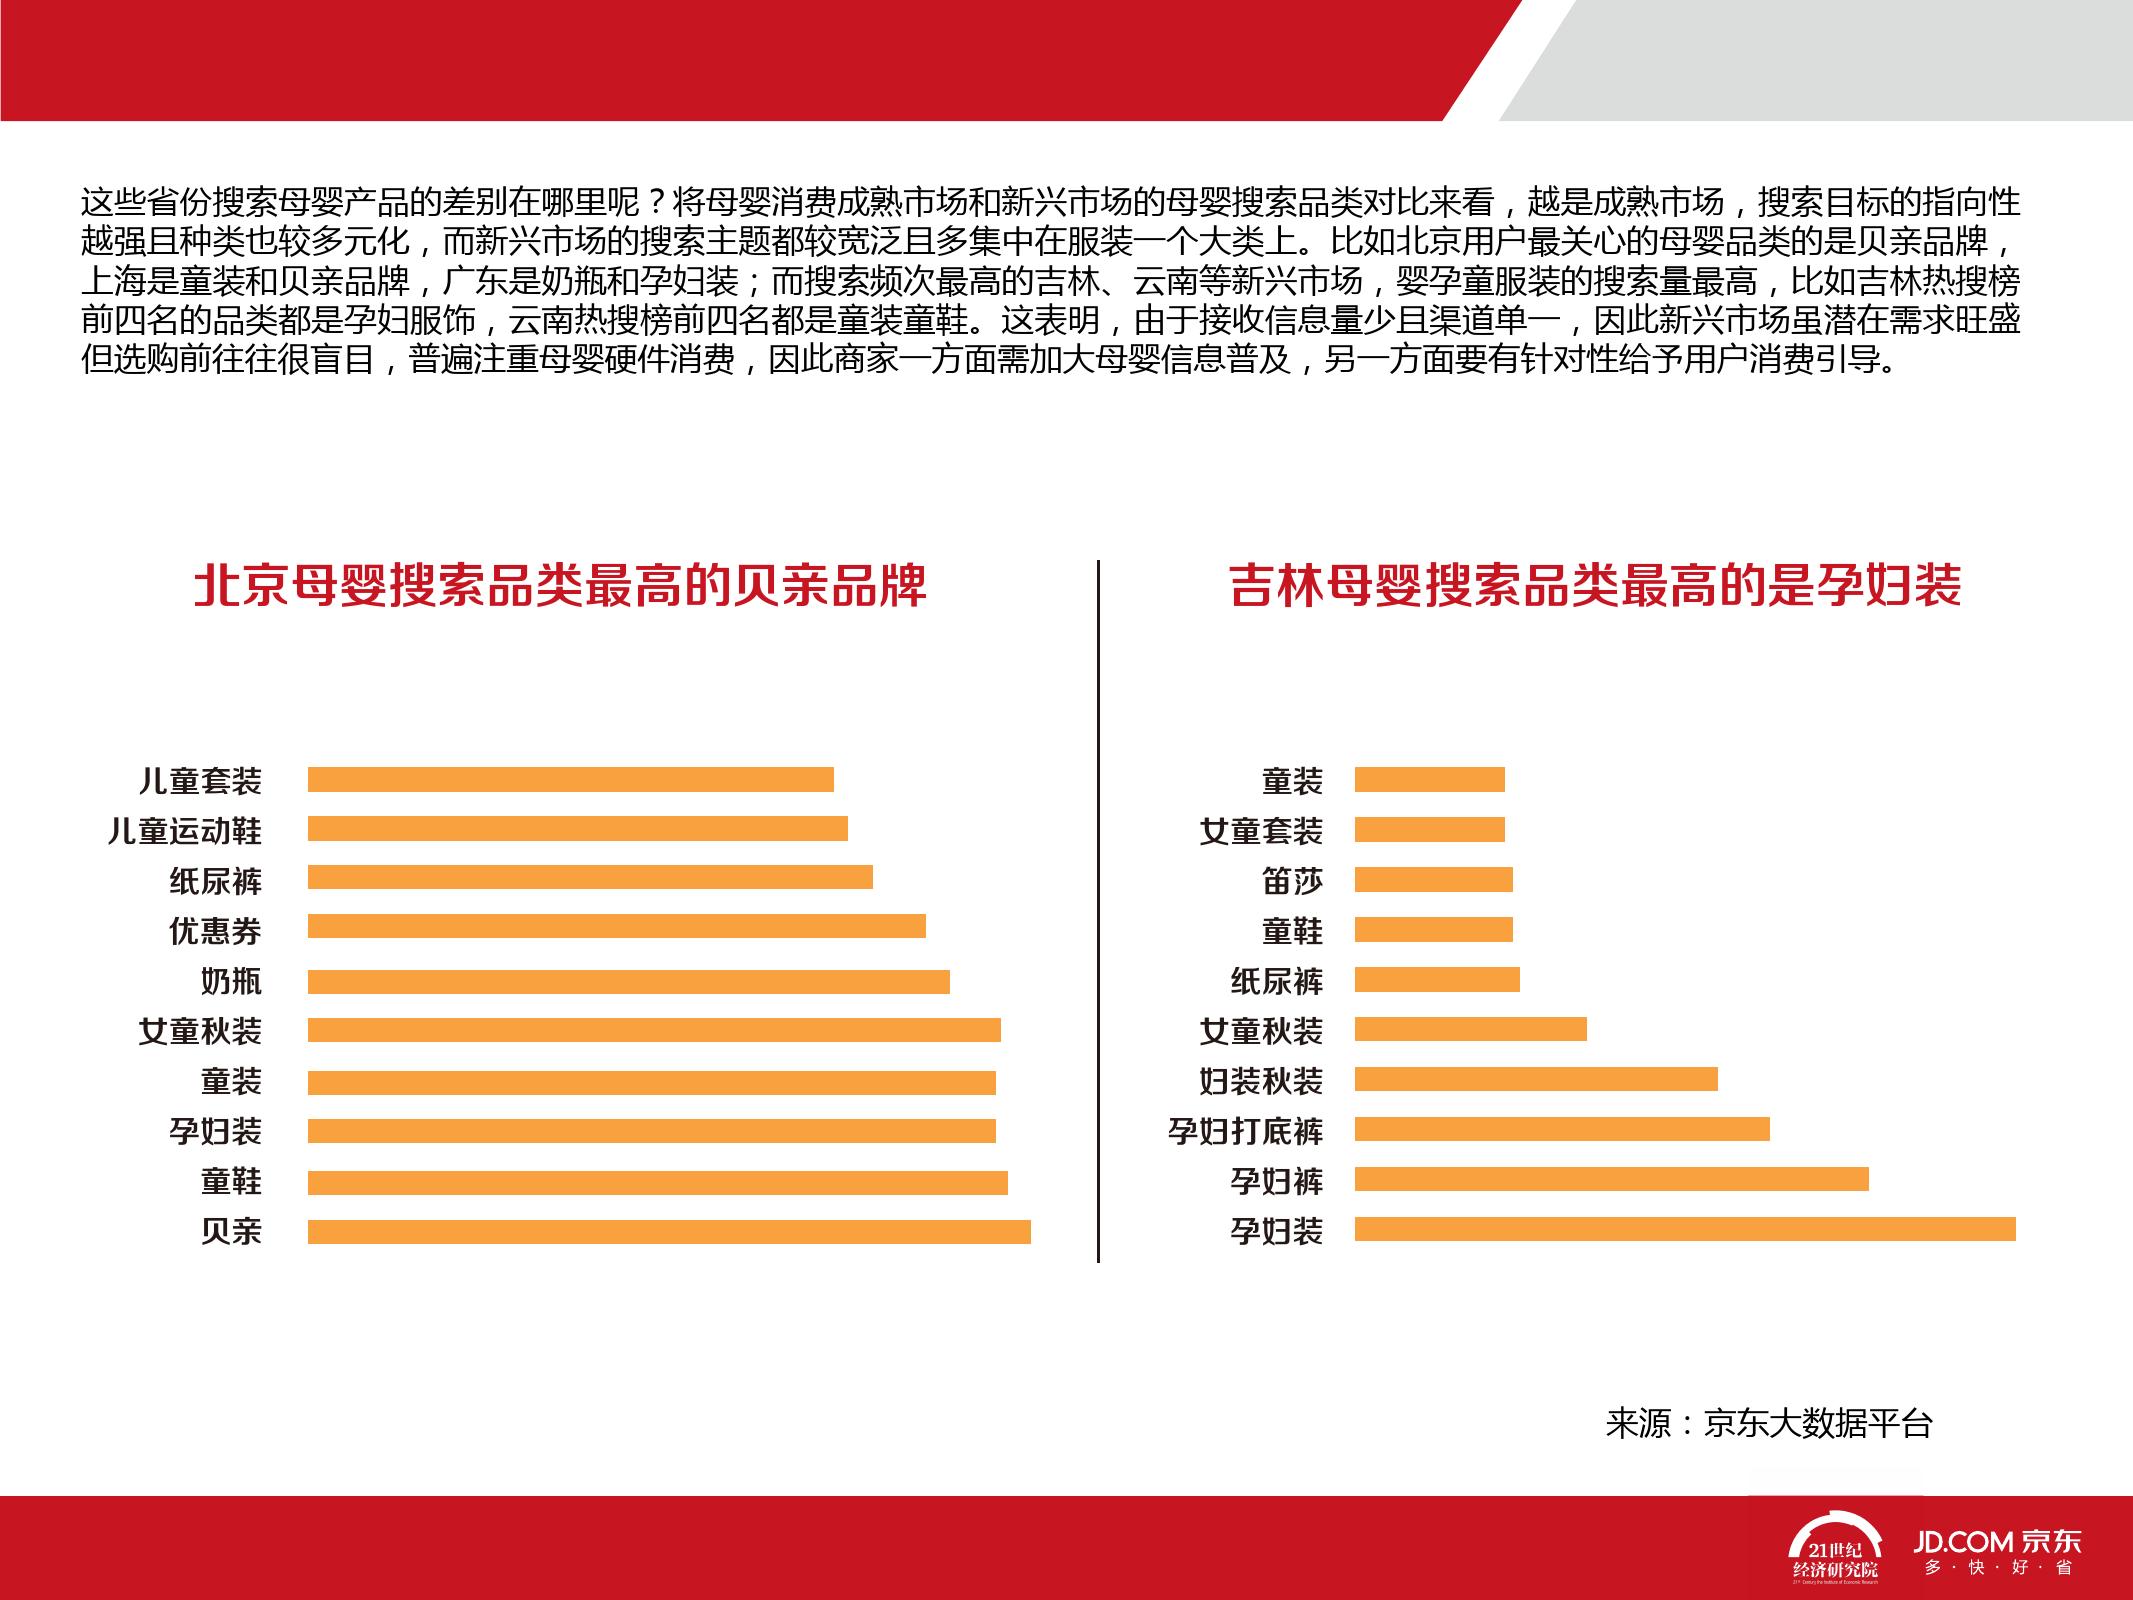 2016中国母婴产品消费趋势报告_000030